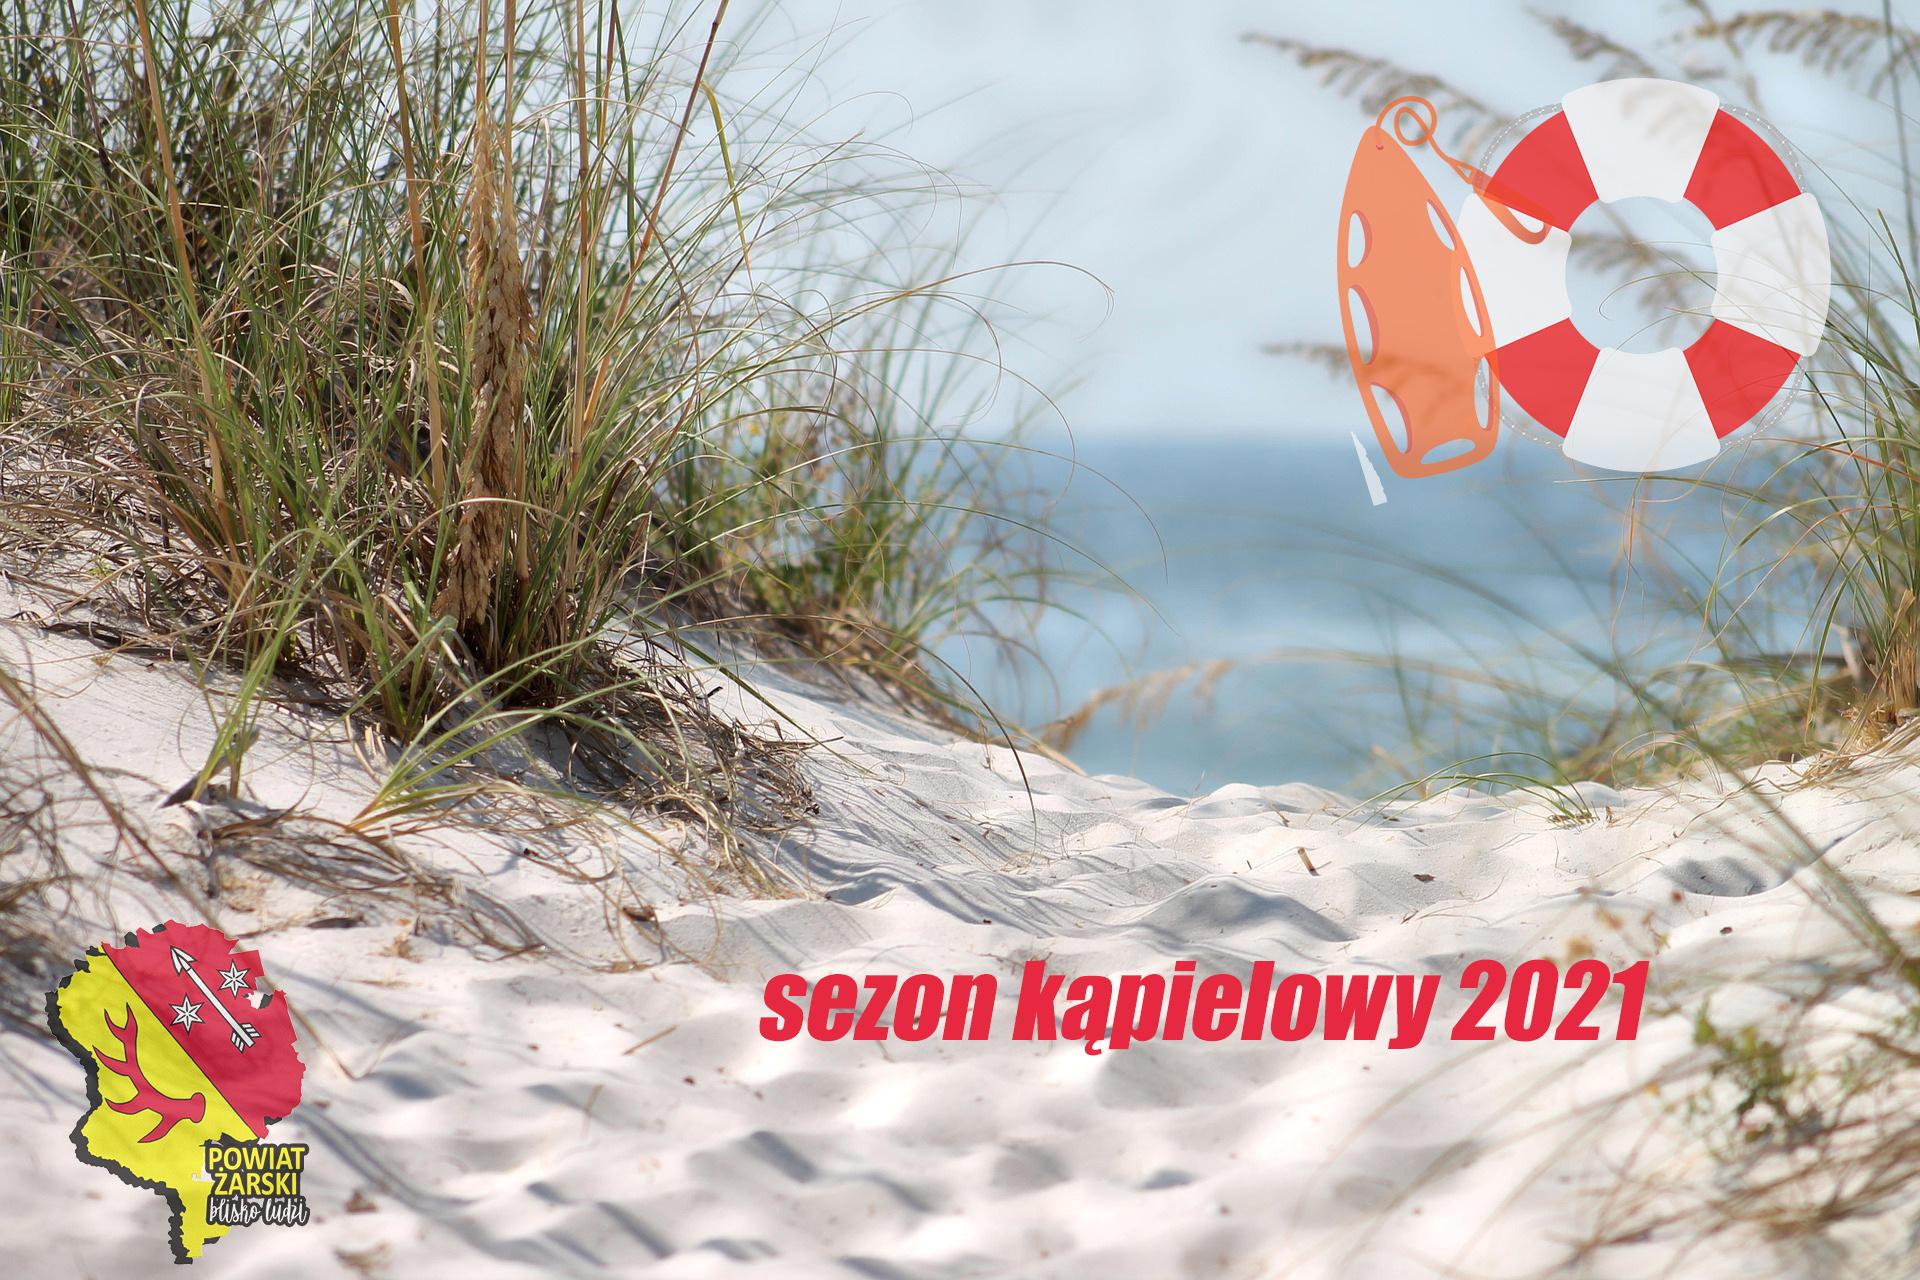 Ilustracja do informacji: Komunikat dotyczący kąpielisk na terenie Województwa Lubuskiego - sezon kąpielowy 2021